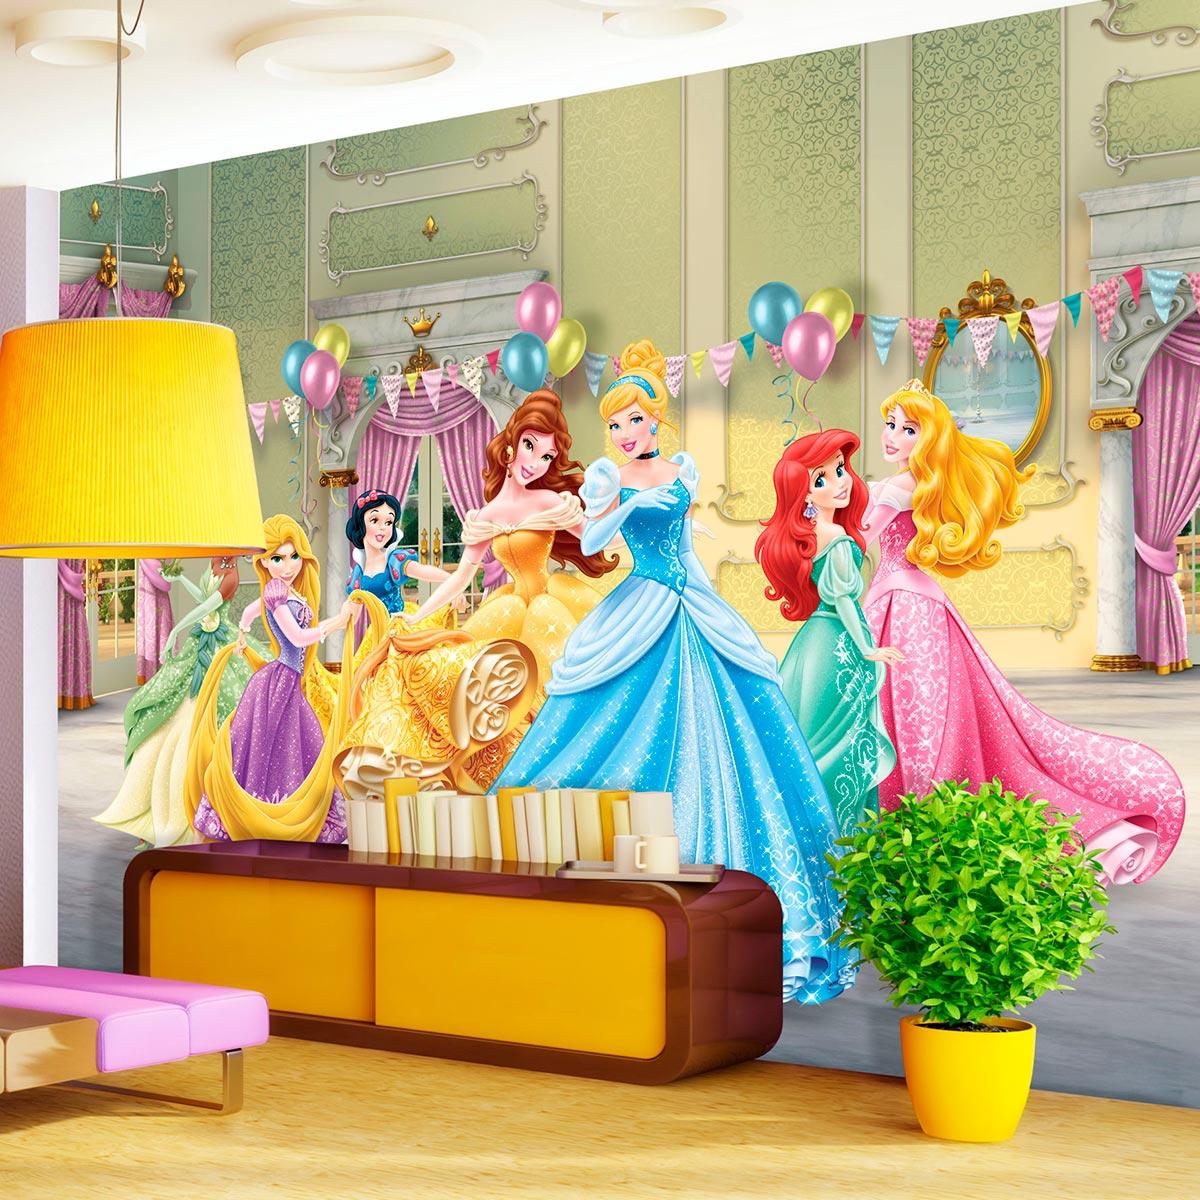 disney papier peint xxl anniversaire princesse 360 x 2. Black Bedroom Furniture Sets. Home Design Ideas